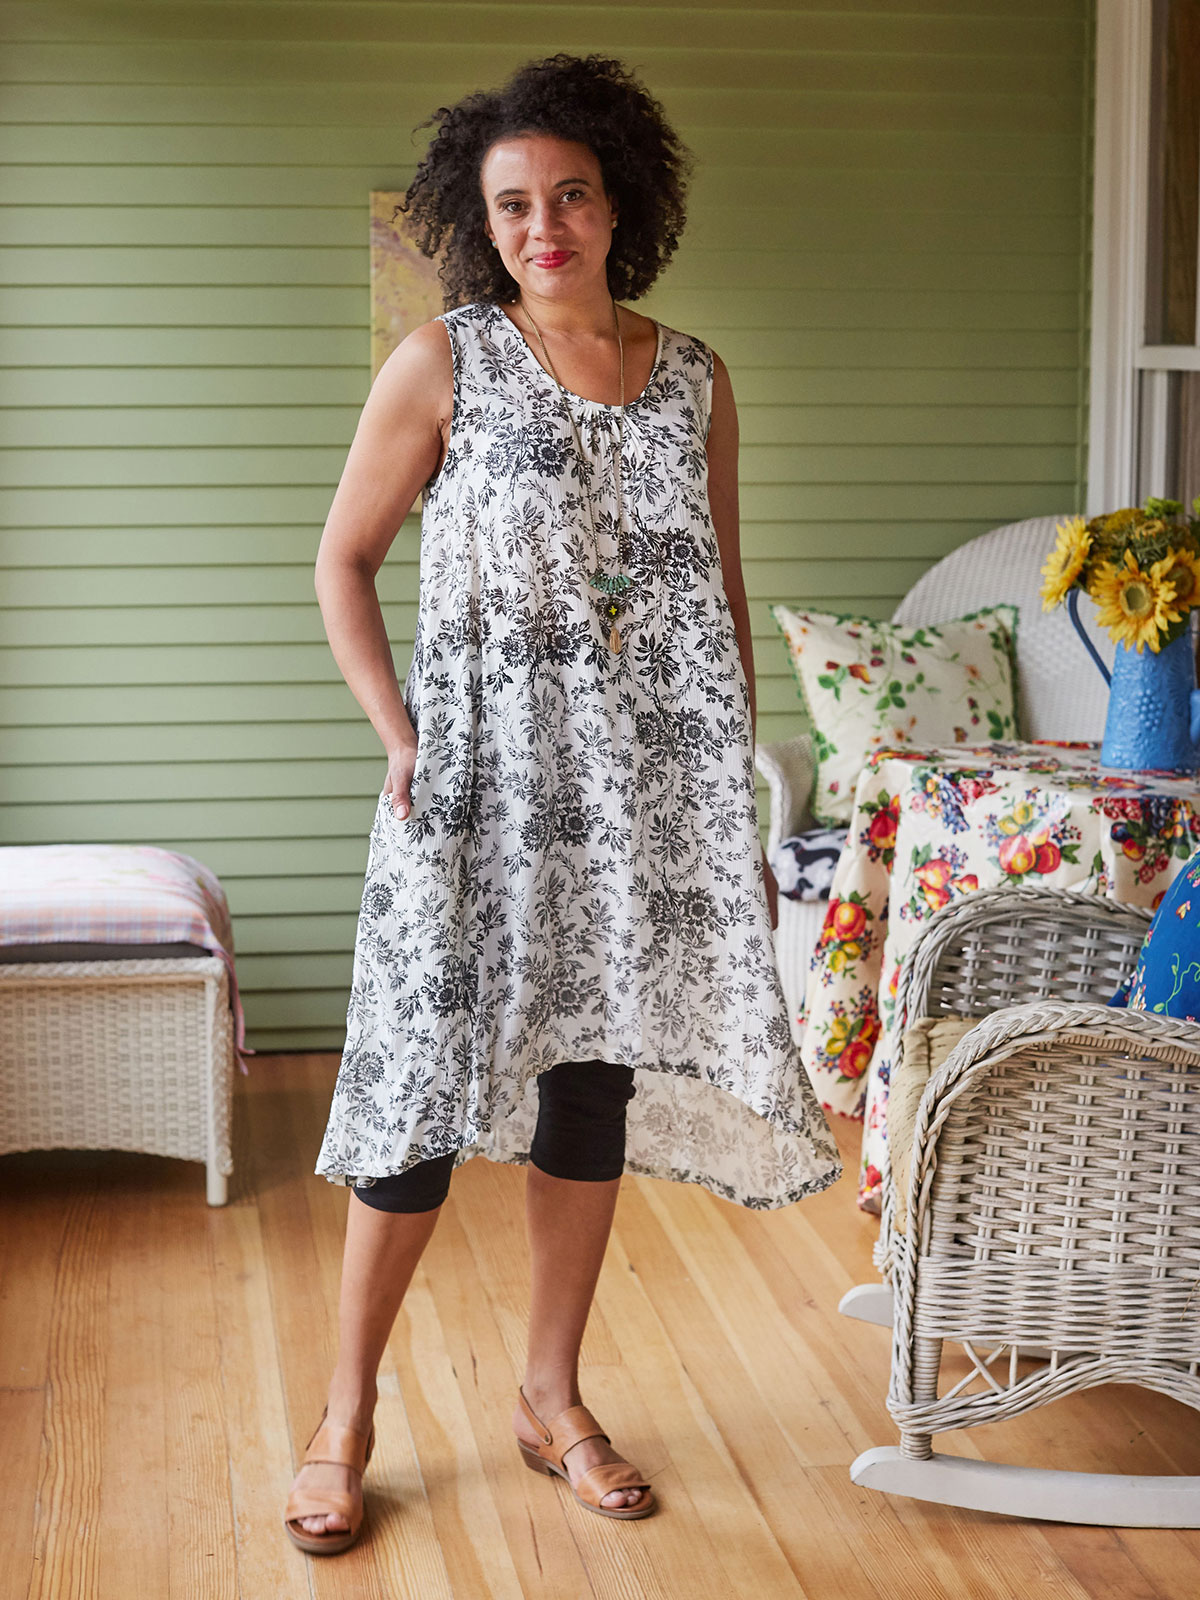 French Flower Sleeveless Dress